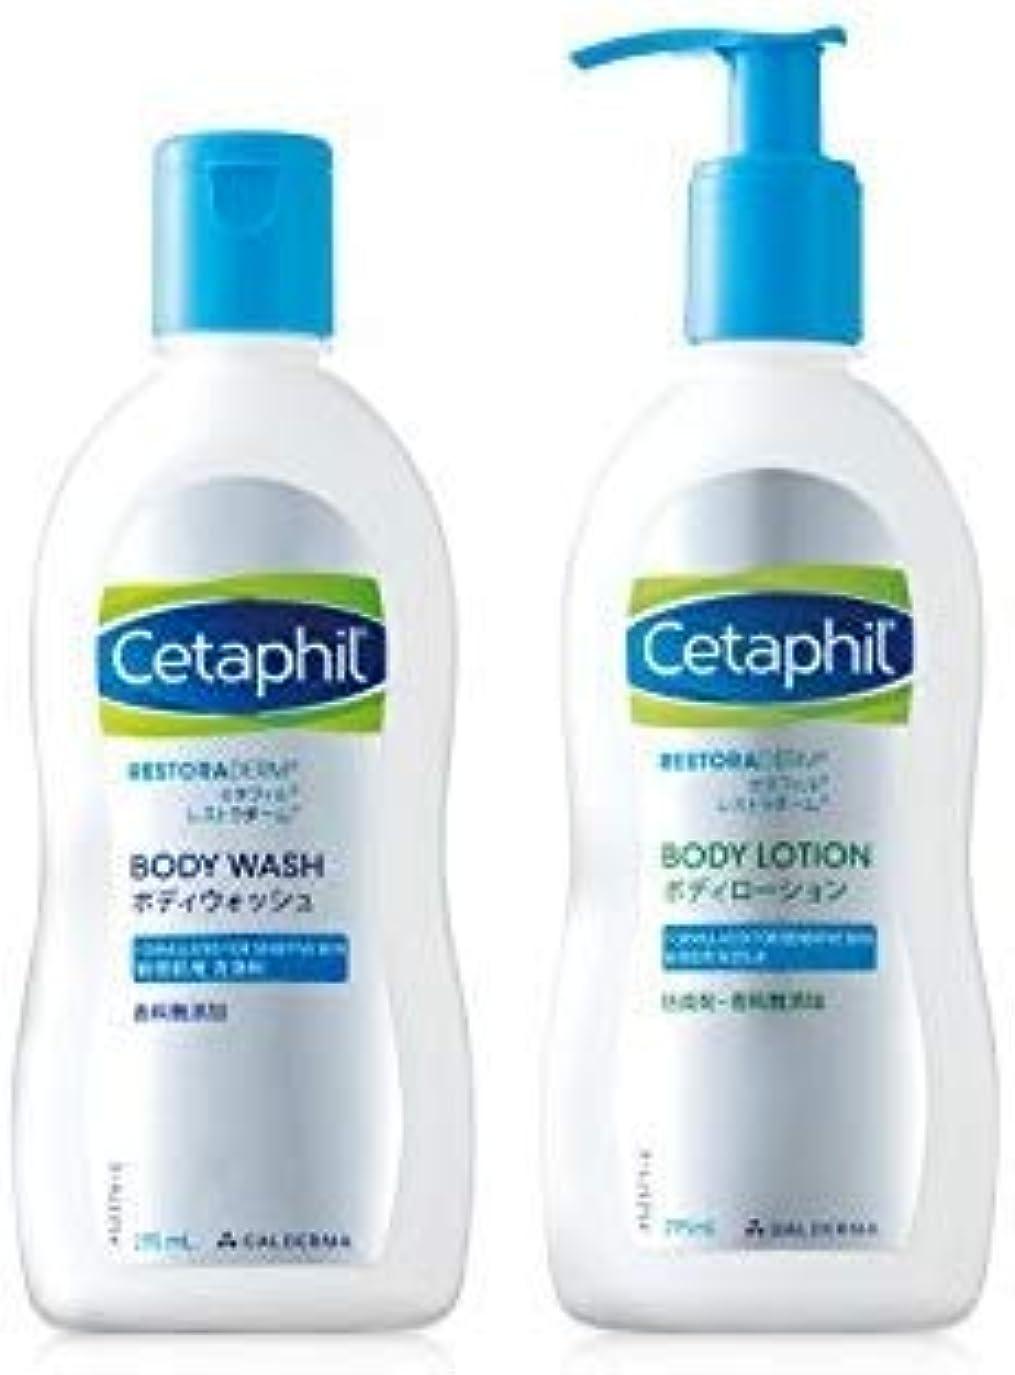 モンゴメリー強化する過剰Cetaphil セタフィル(R)レストラダーム(R)シリーズ ベーシックセット(トラベルキット付)